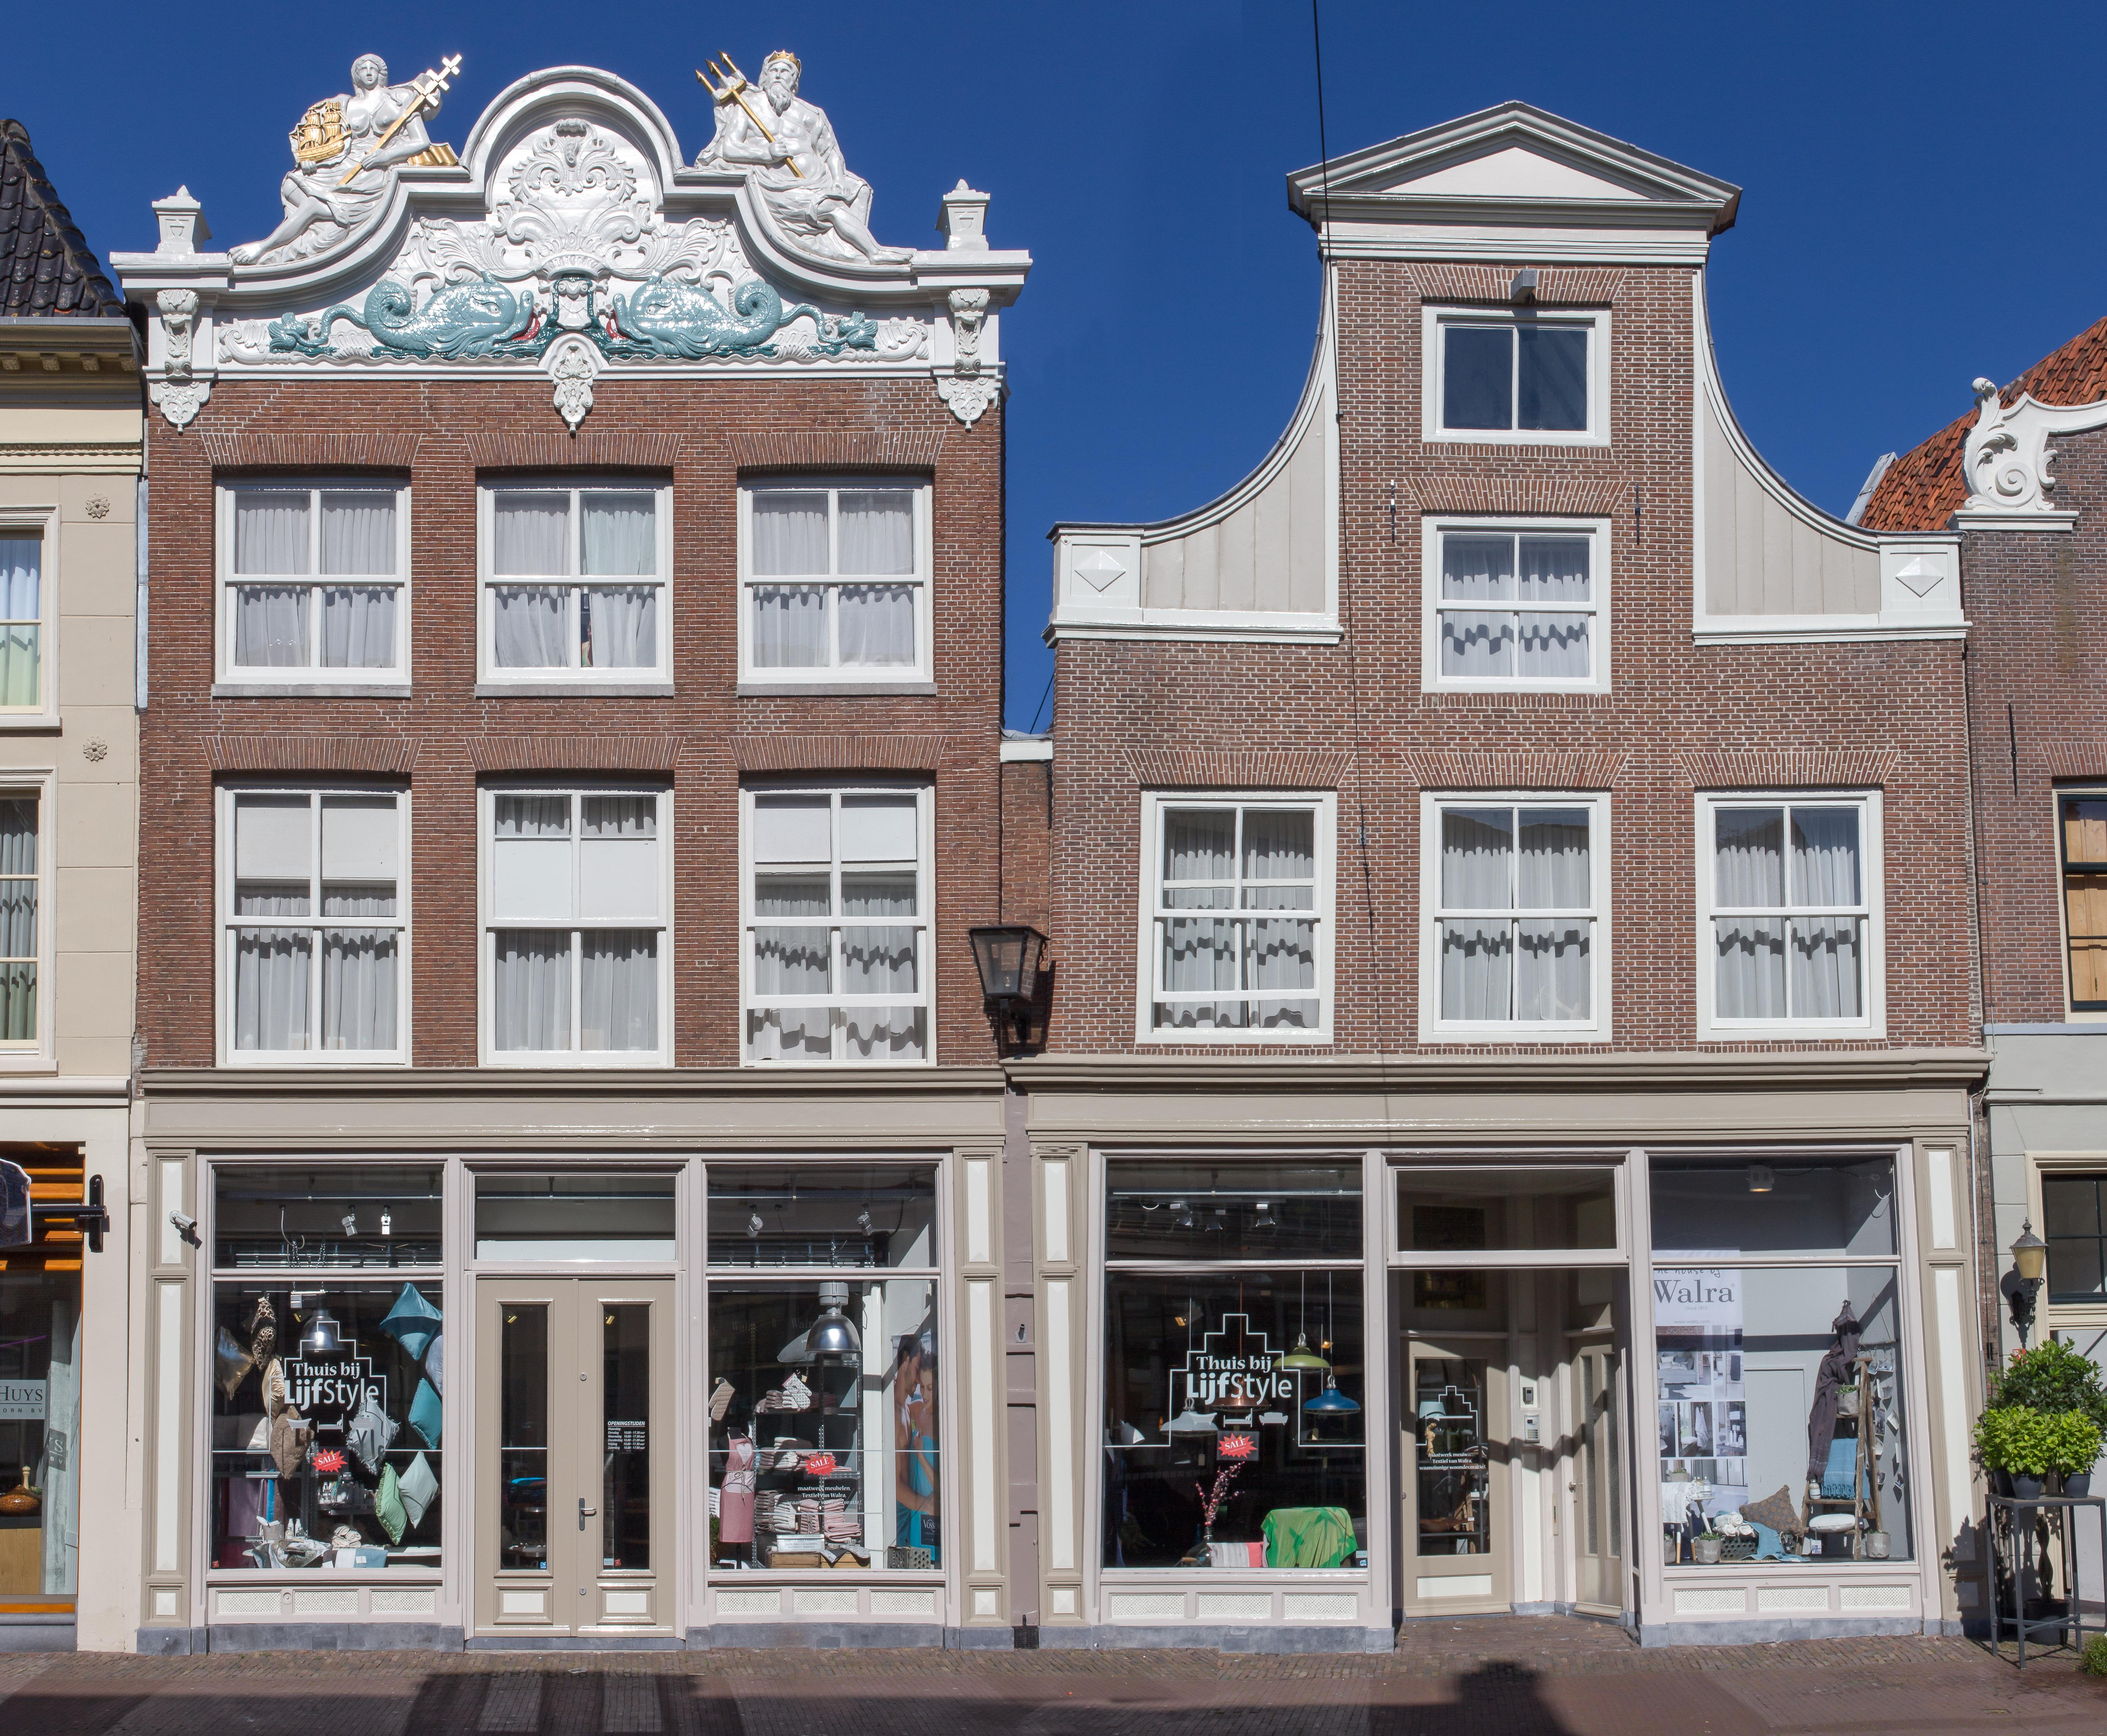 LevensFoto - Thuis bij Lijfstyle - bedrijfsfotografie - woonwinkel